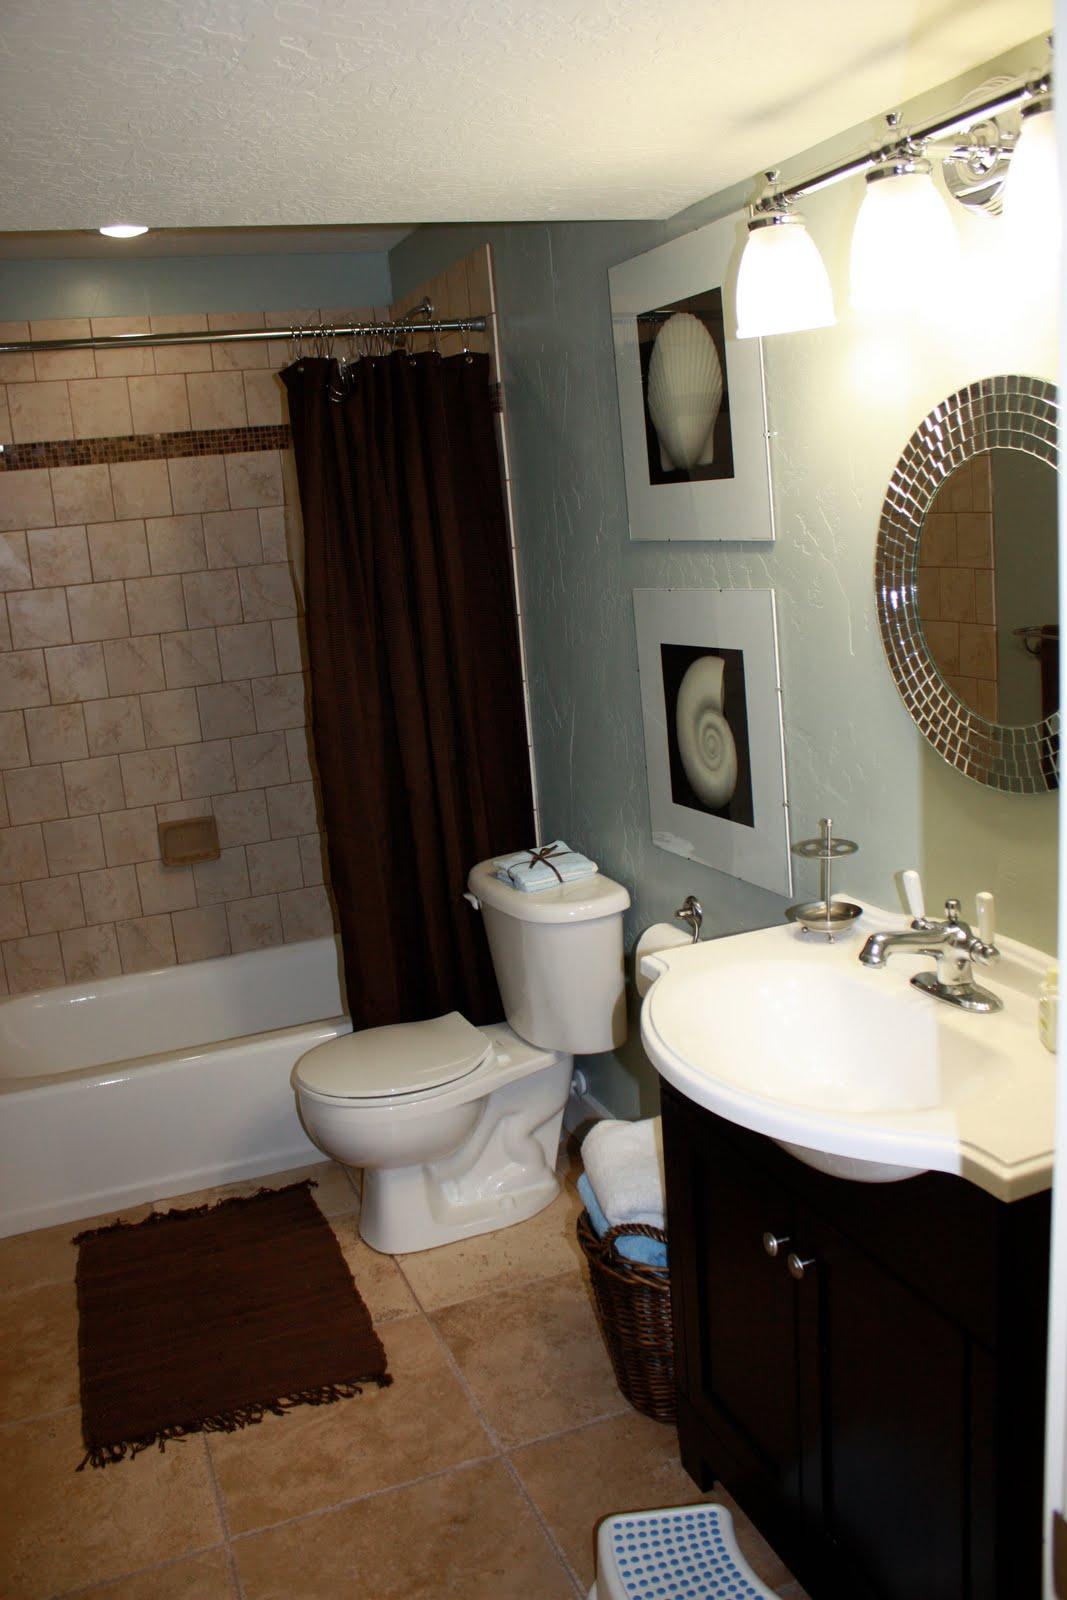 بالصور ديكورات حمامات صغيرة جدا وبسيطة , افكار لتنظيم الحمامات الصغيره 4364